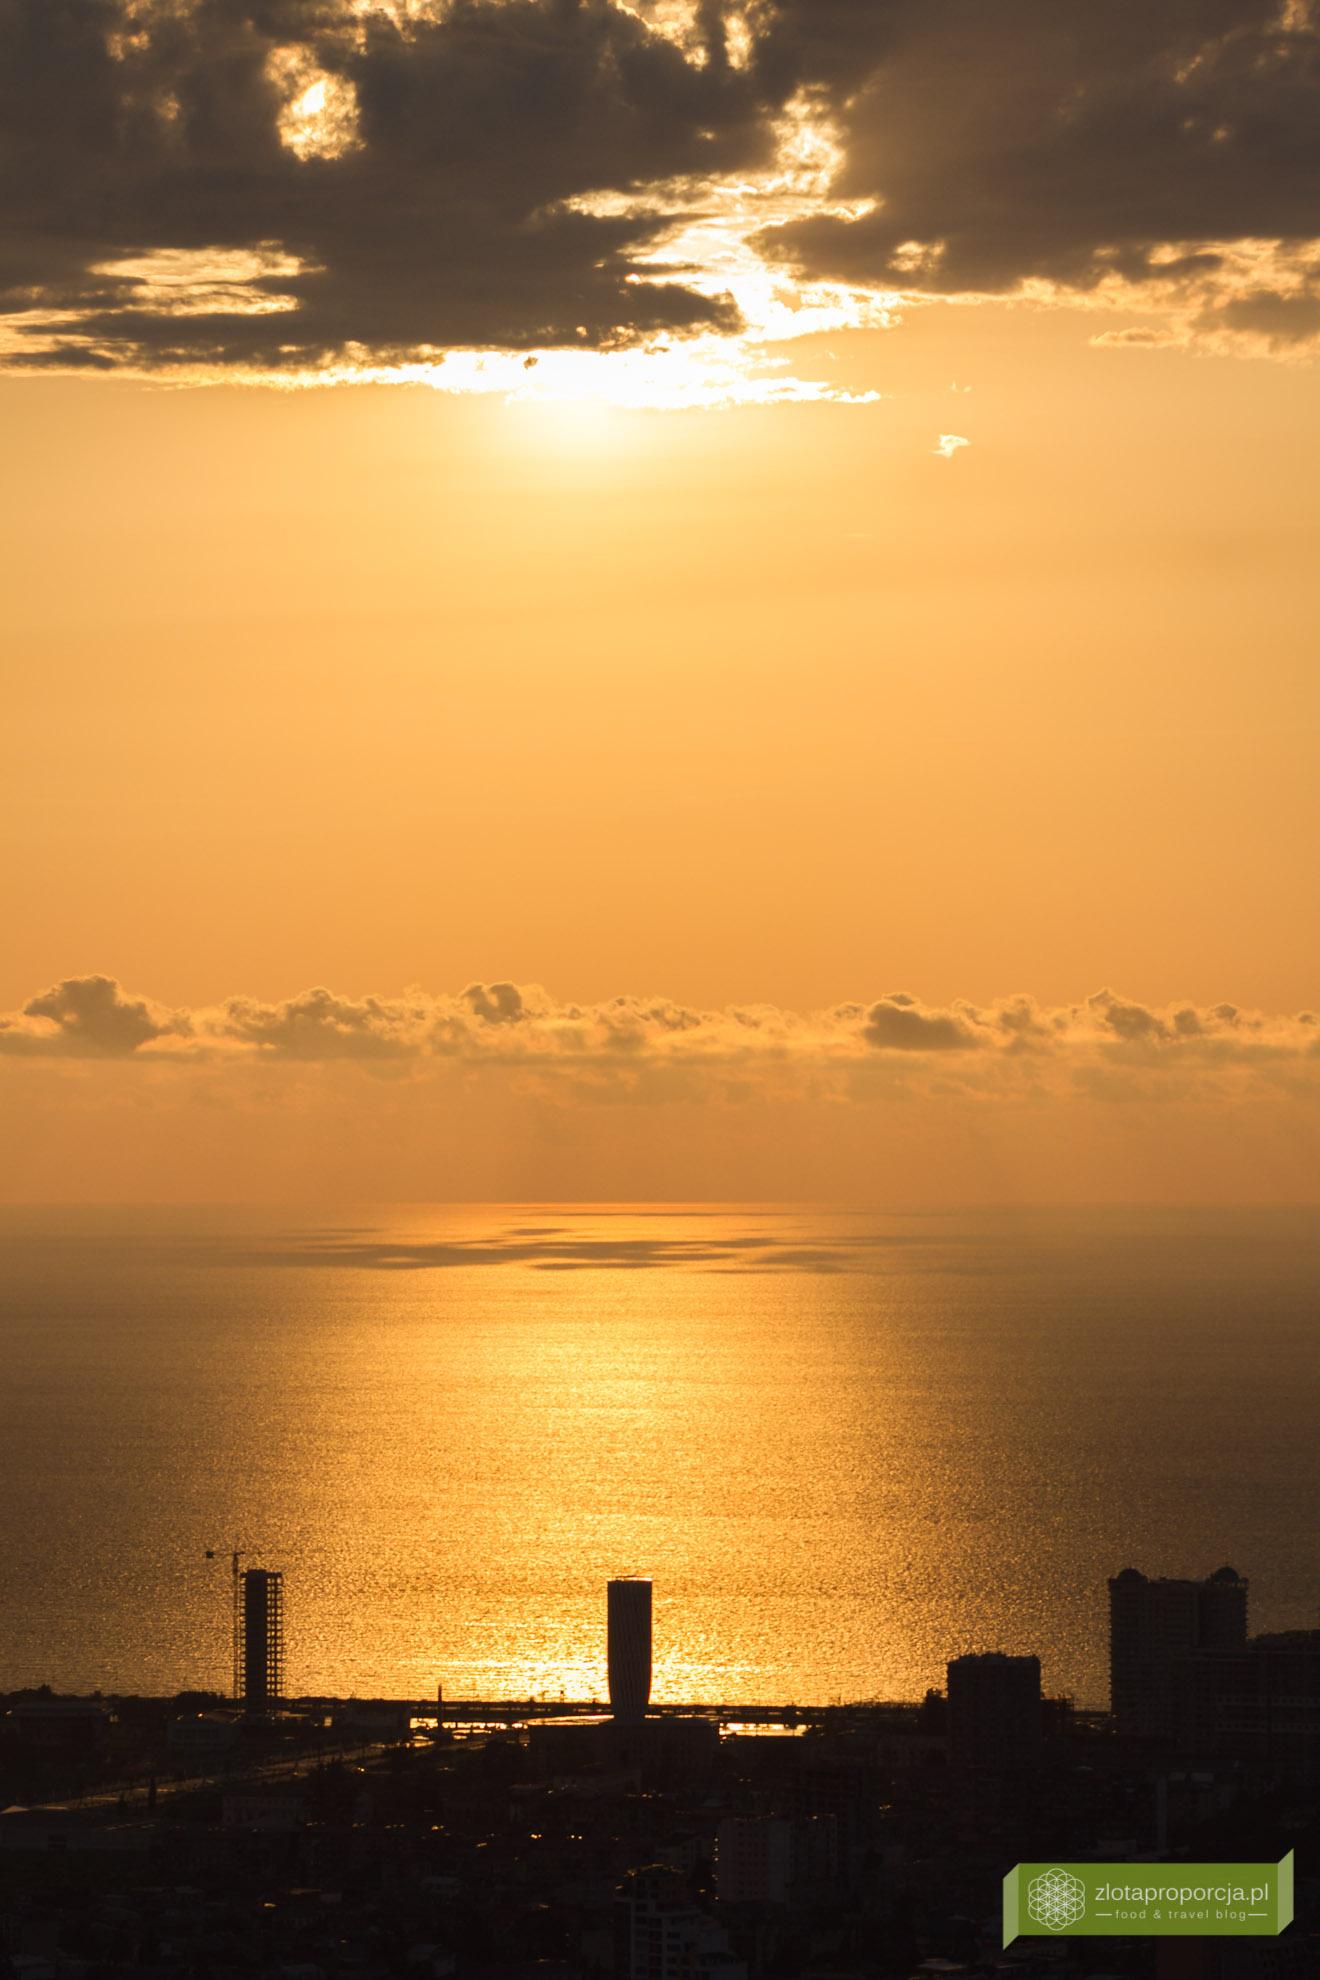 Batumi, Gruzja, Adżaria, atrakcje Batumi, co zobaczyć w Batumi, atrakcje Gruzji; kolejka linowa w Batumi, zachód słońca w Batumi